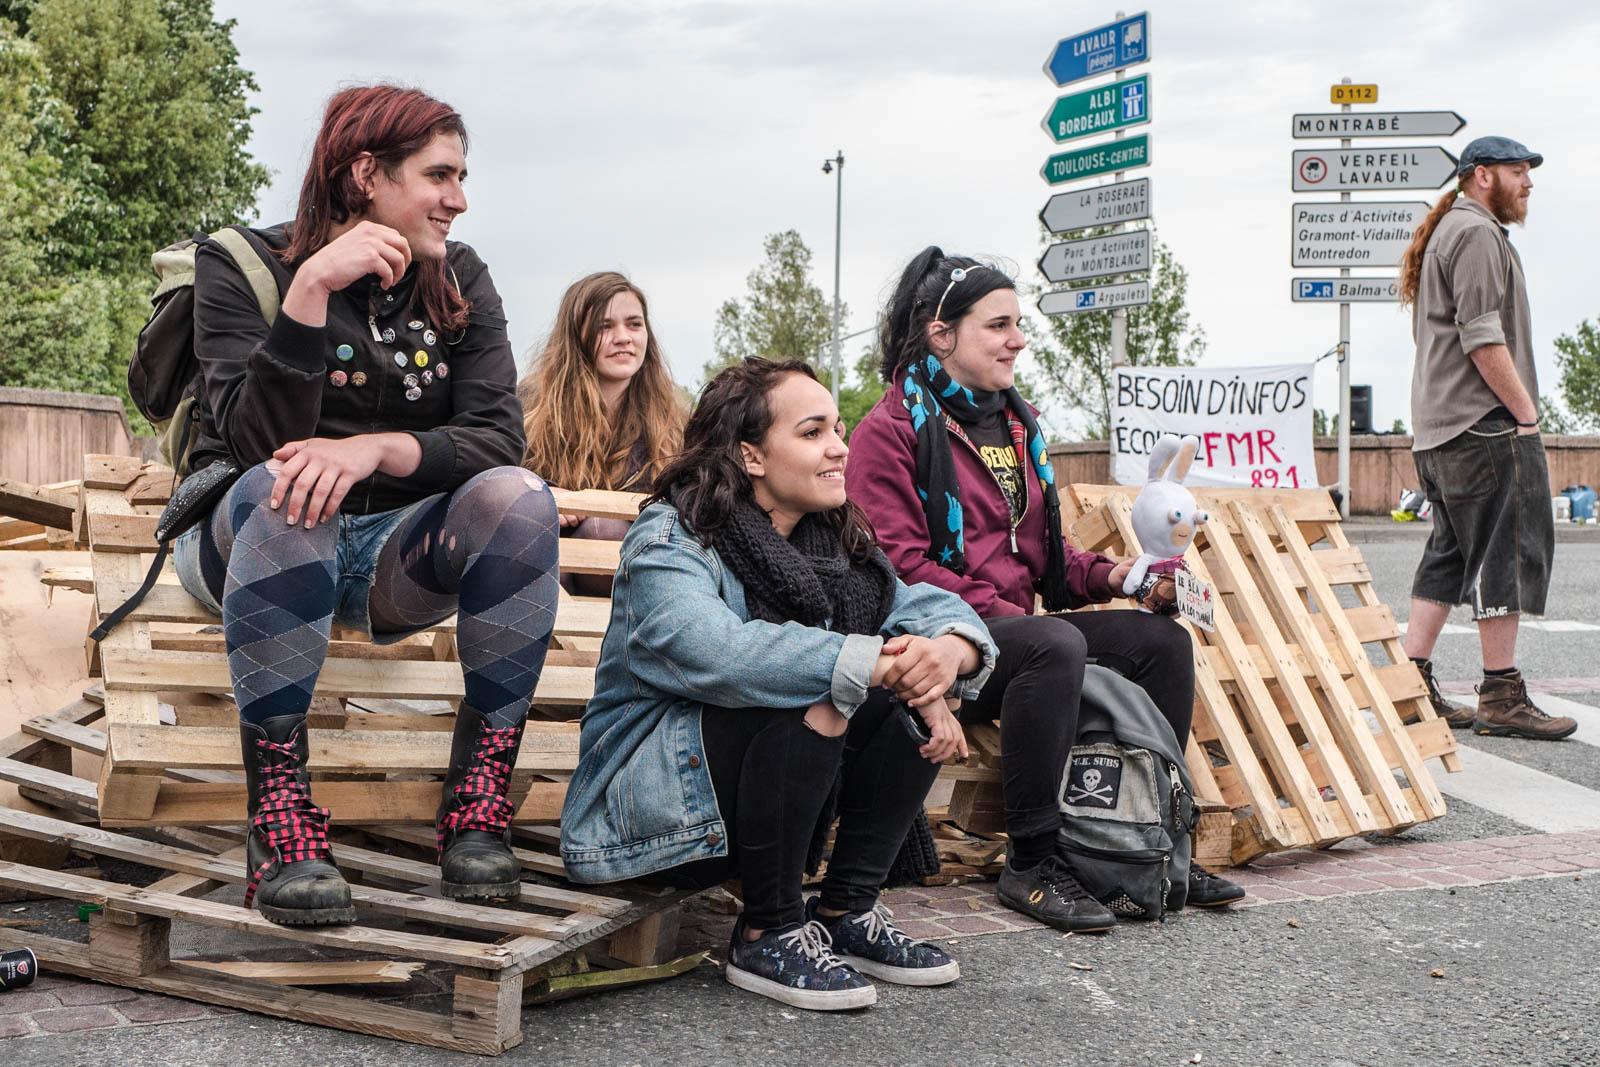 Très tôt le matin, plusieurs dizaines de manifestants, notamment du mouvement Nuit Debout, ont effectué des barrages filtrants aux sorties de rocade comme ici à Balma-Gramont pour dénoncer la loi Travail voulue par le gouvernement de Manuel Valls et de sa ministre du travail Myriam El-Khomri. De nombreux ralentissements et bouchons ont été enregistré alors que devait se tenir la grande manifestation à l'appel de l'intersyndicale dans l'après-midi. Toulouse, France-26 mai 2016.